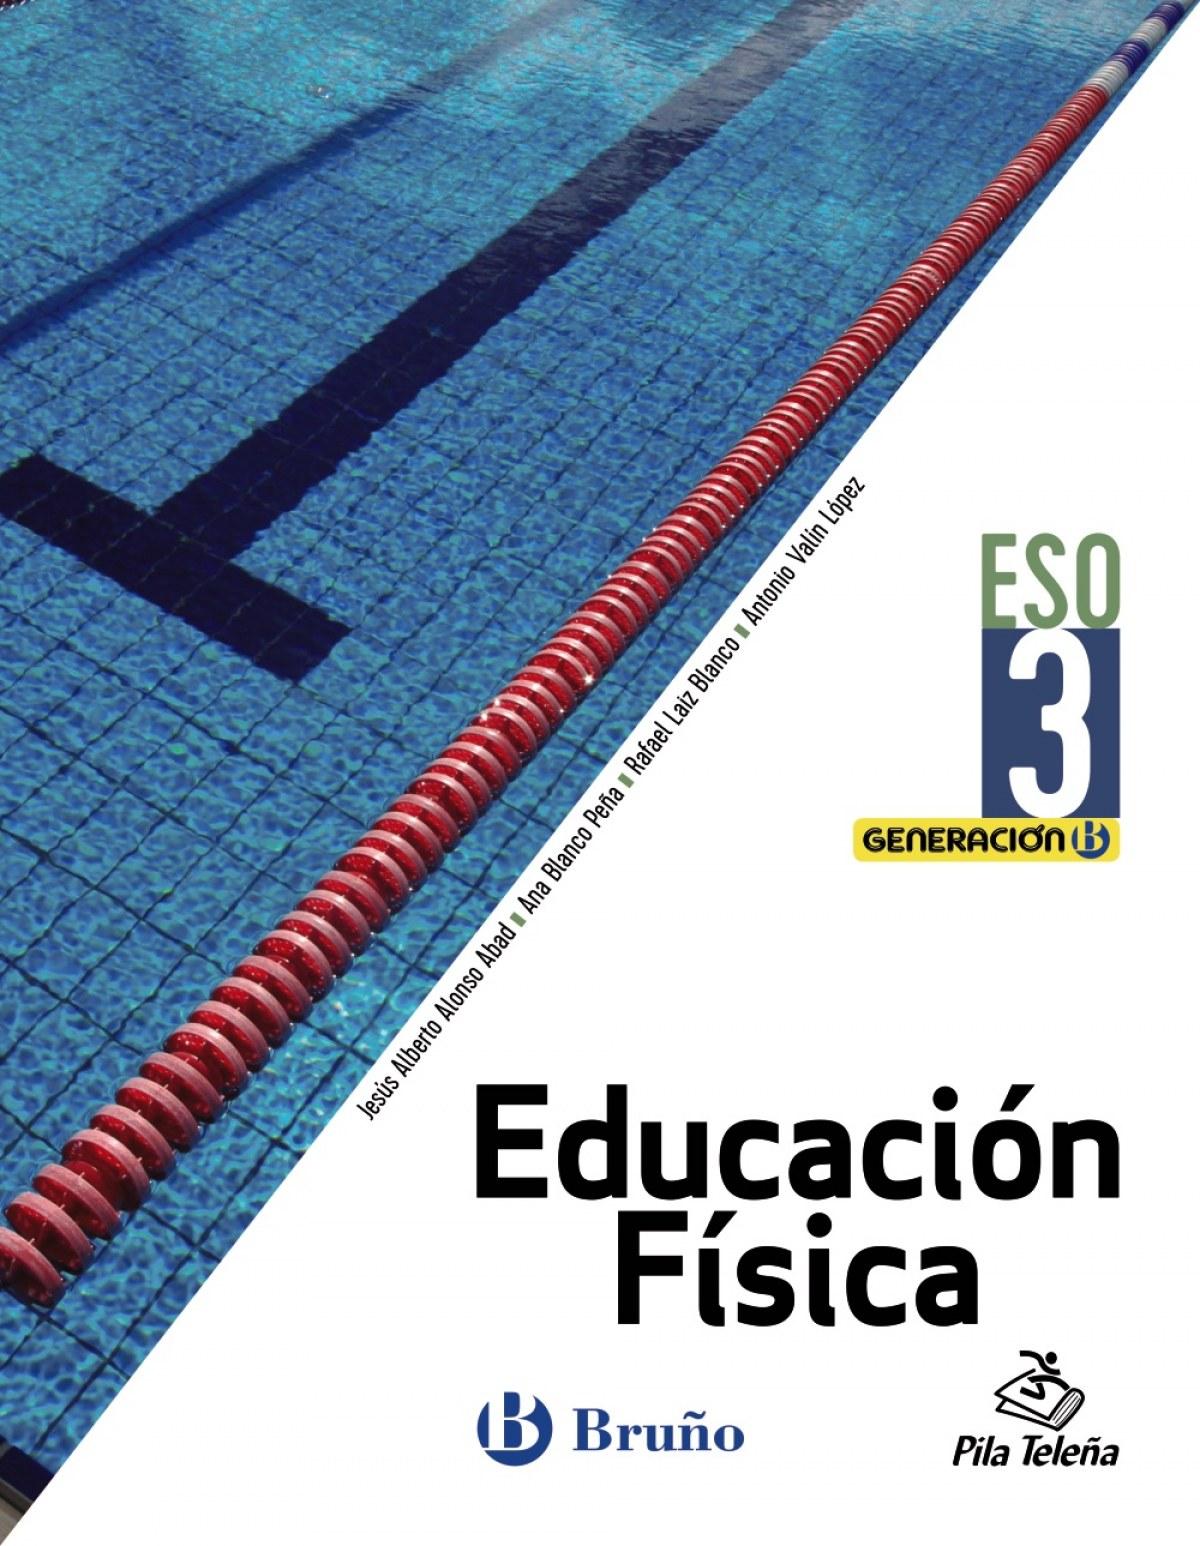 Generación B Educación Física 3 ESO